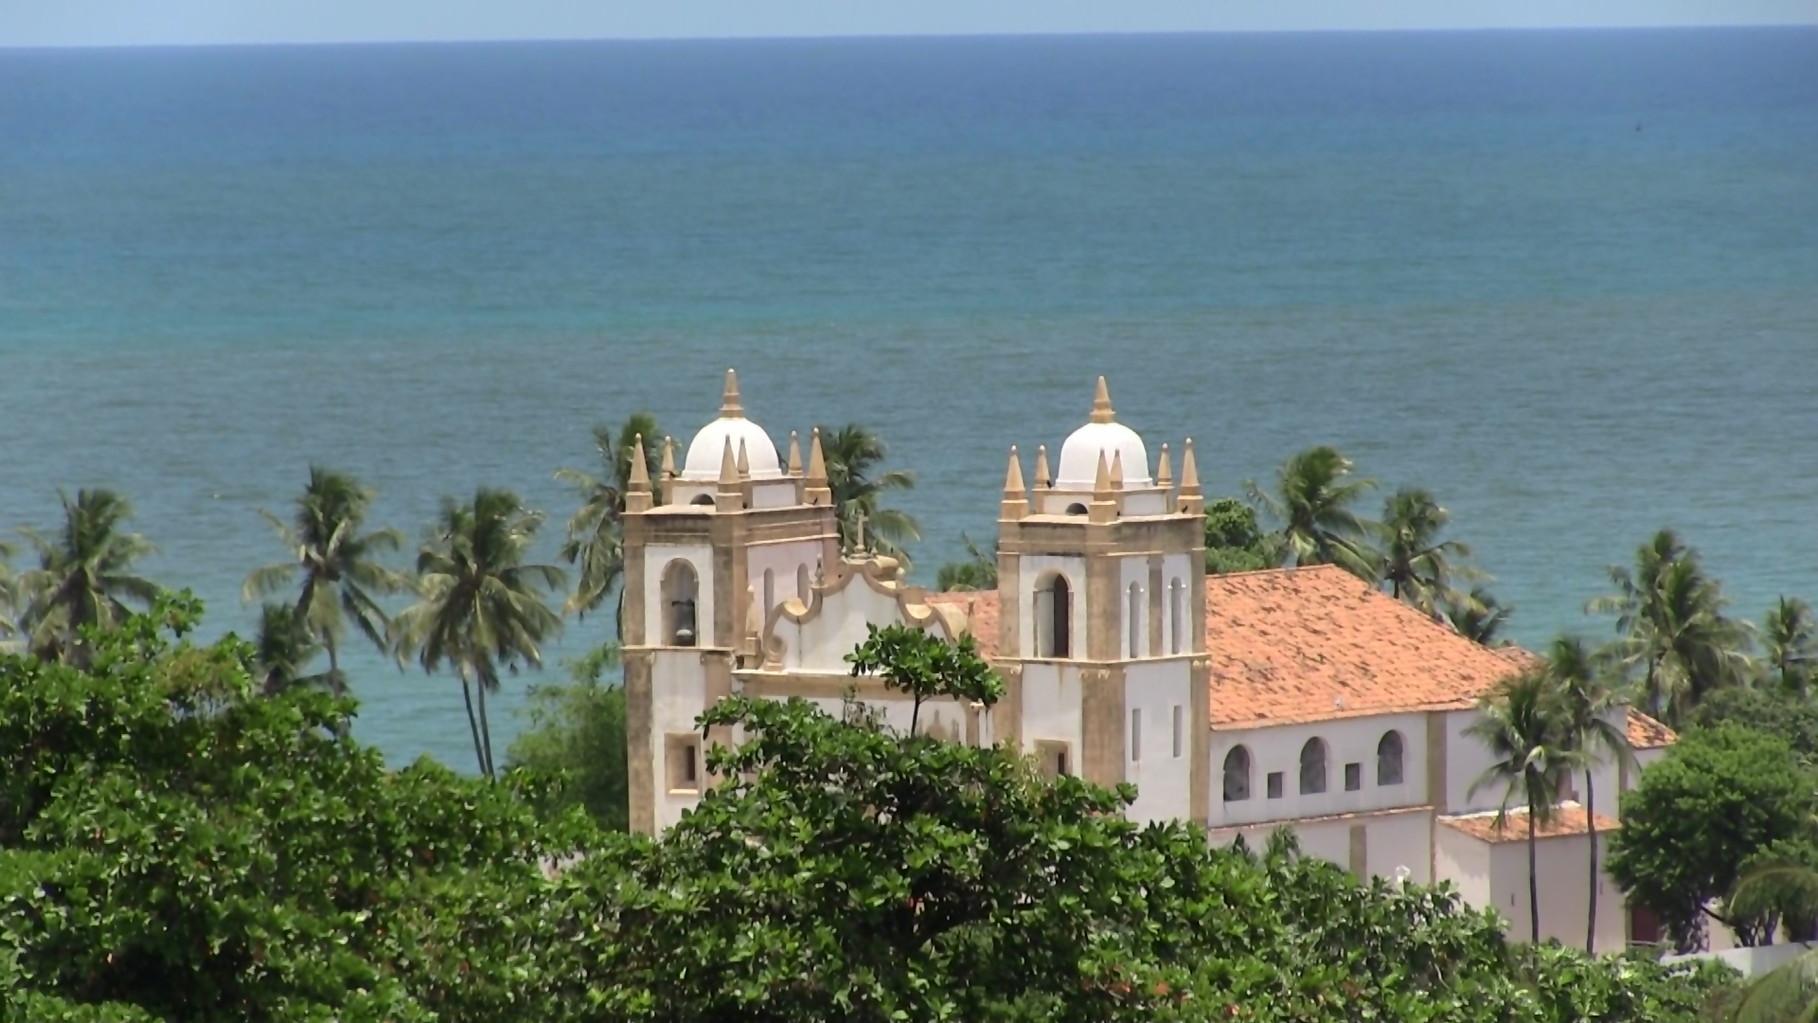 Eglise do Carmo, Olinda / Church do Carmo, Olinda